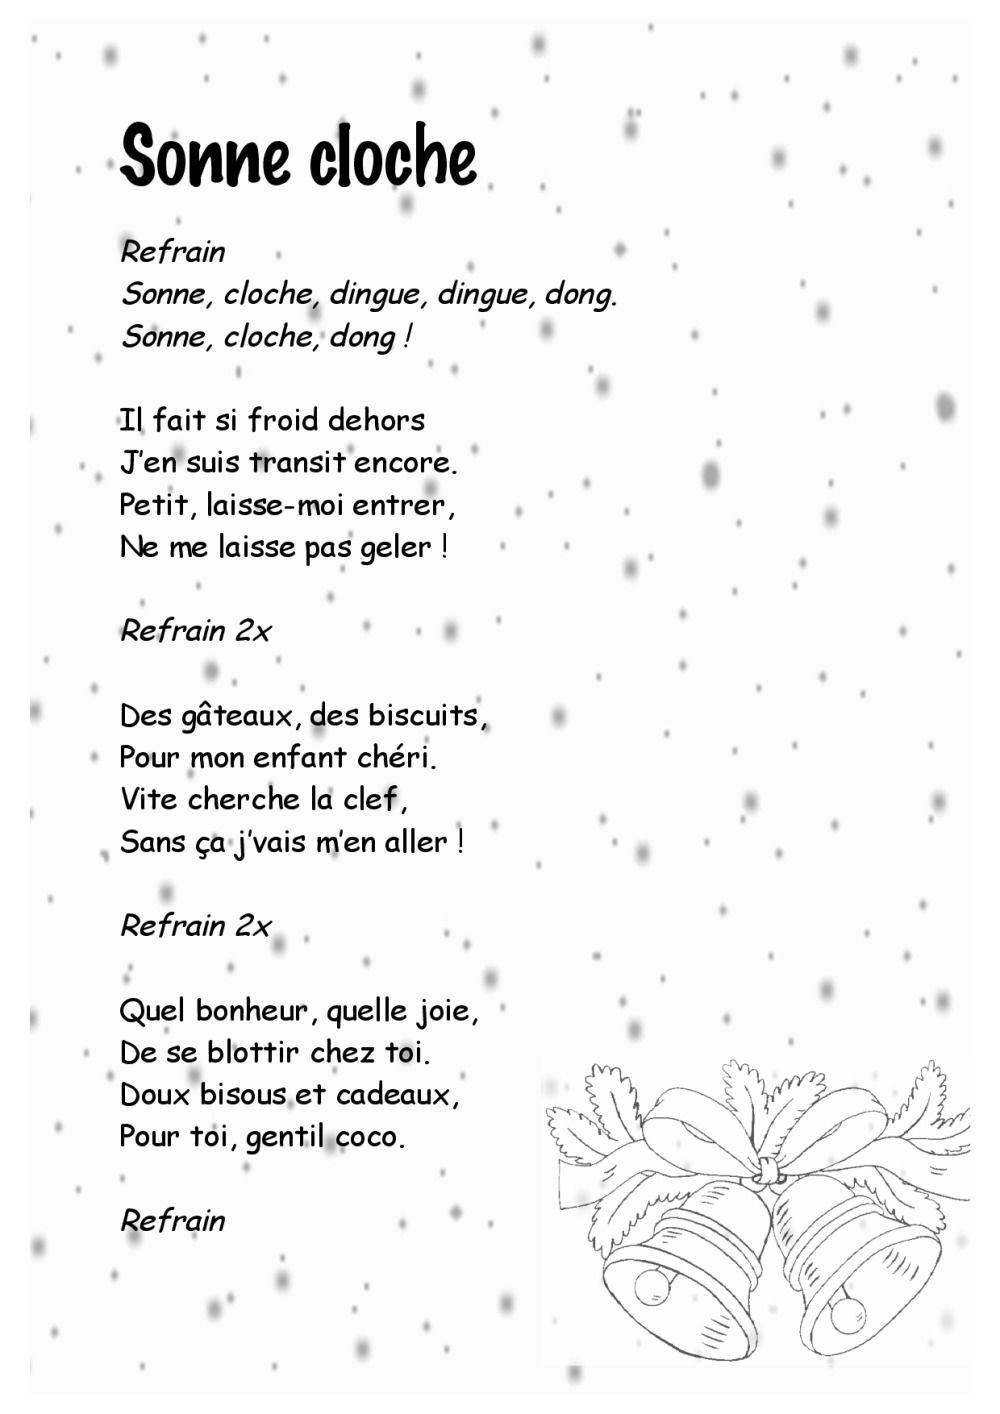 Entre Le Boeuf Et L'âne Gris Il Est Né Le Divin Enfant Mon dedans Papa Noel Parole